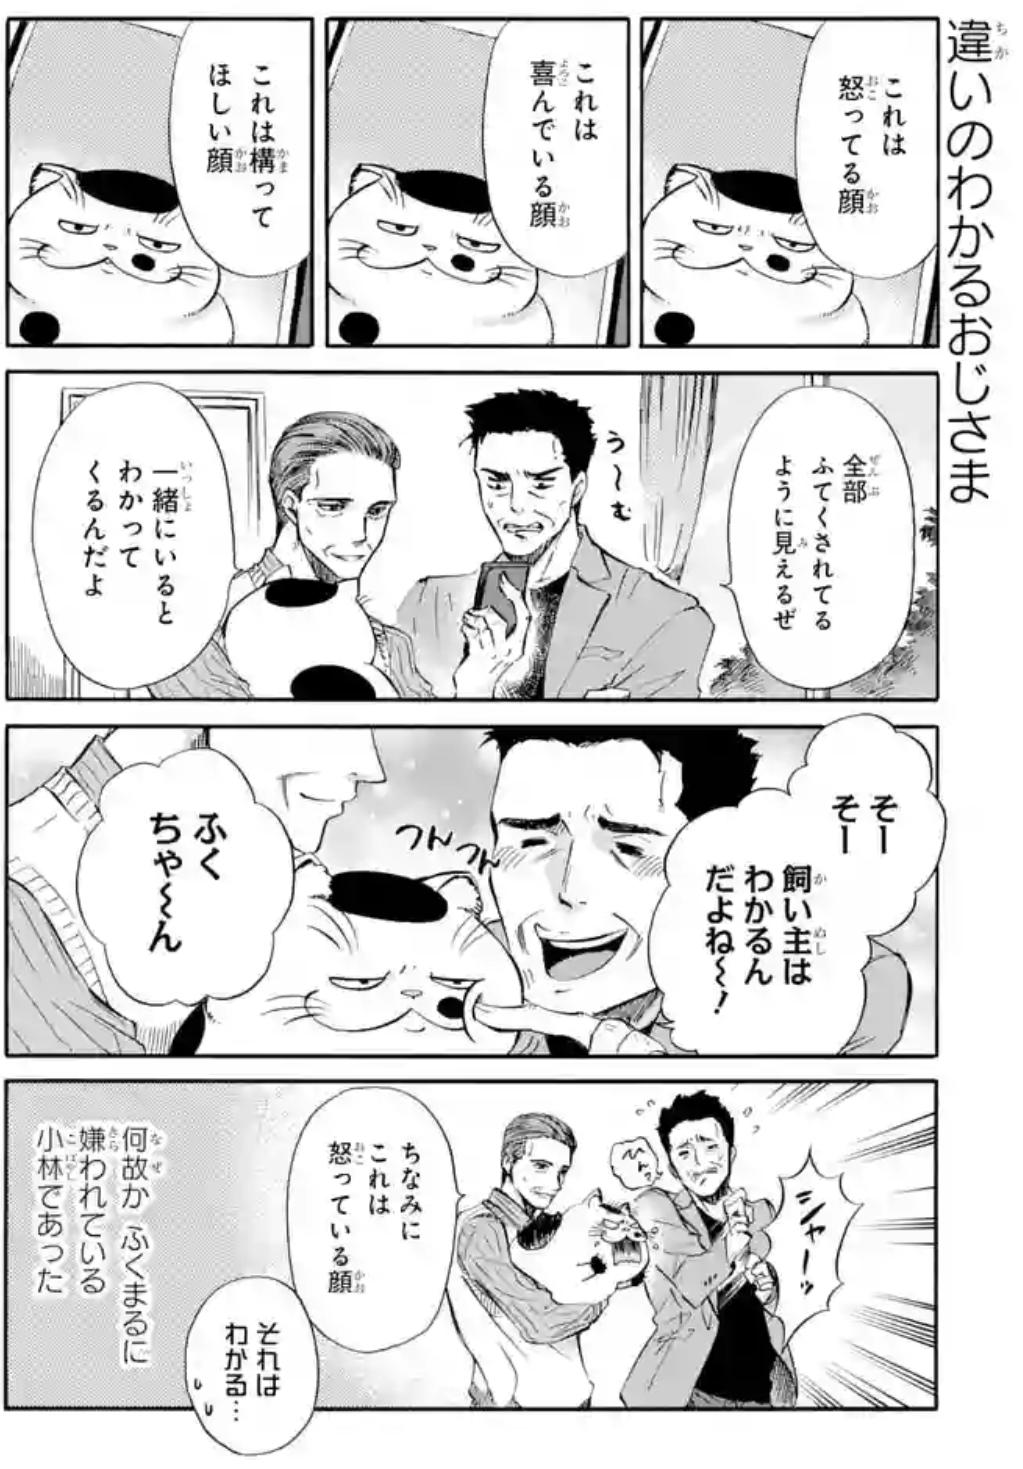 漫画『おじさまと猫』の魅力6:番外編もおもしろい!